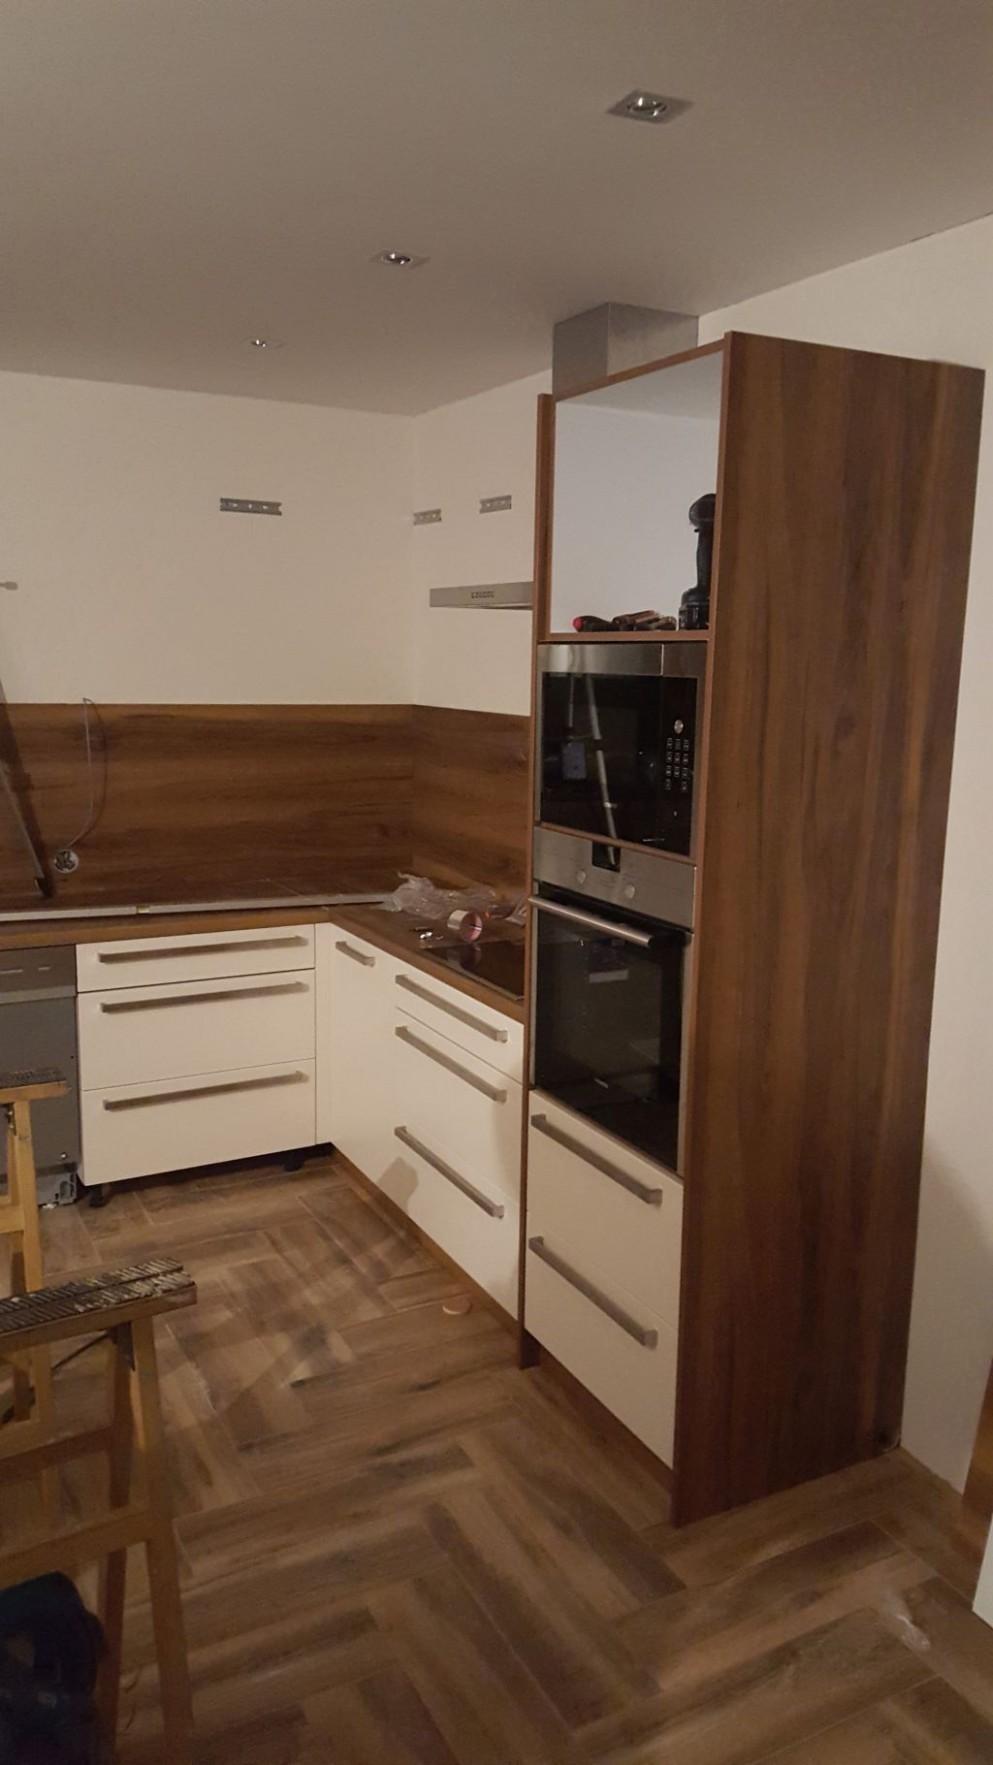 Kuchynské Linky Na Míru Cena